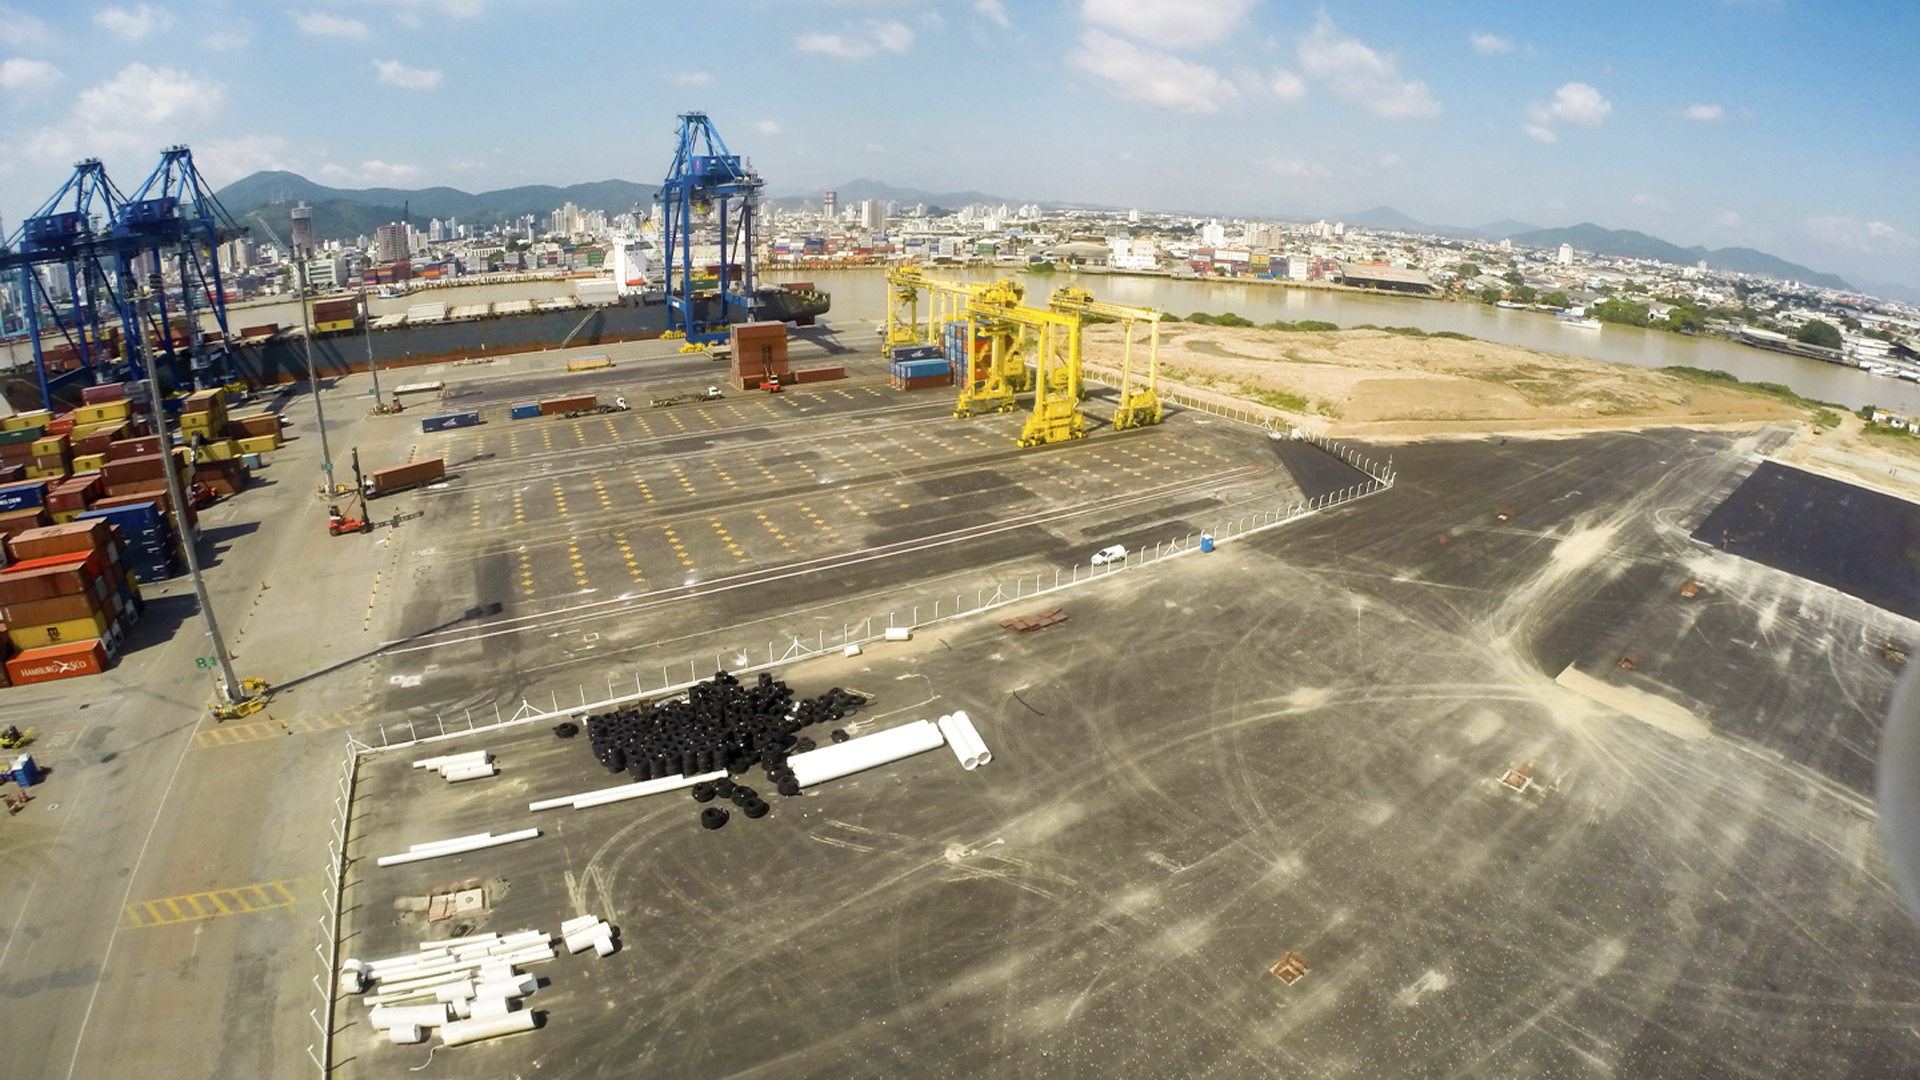 Terminais Portuário de Navegantes - Portonave